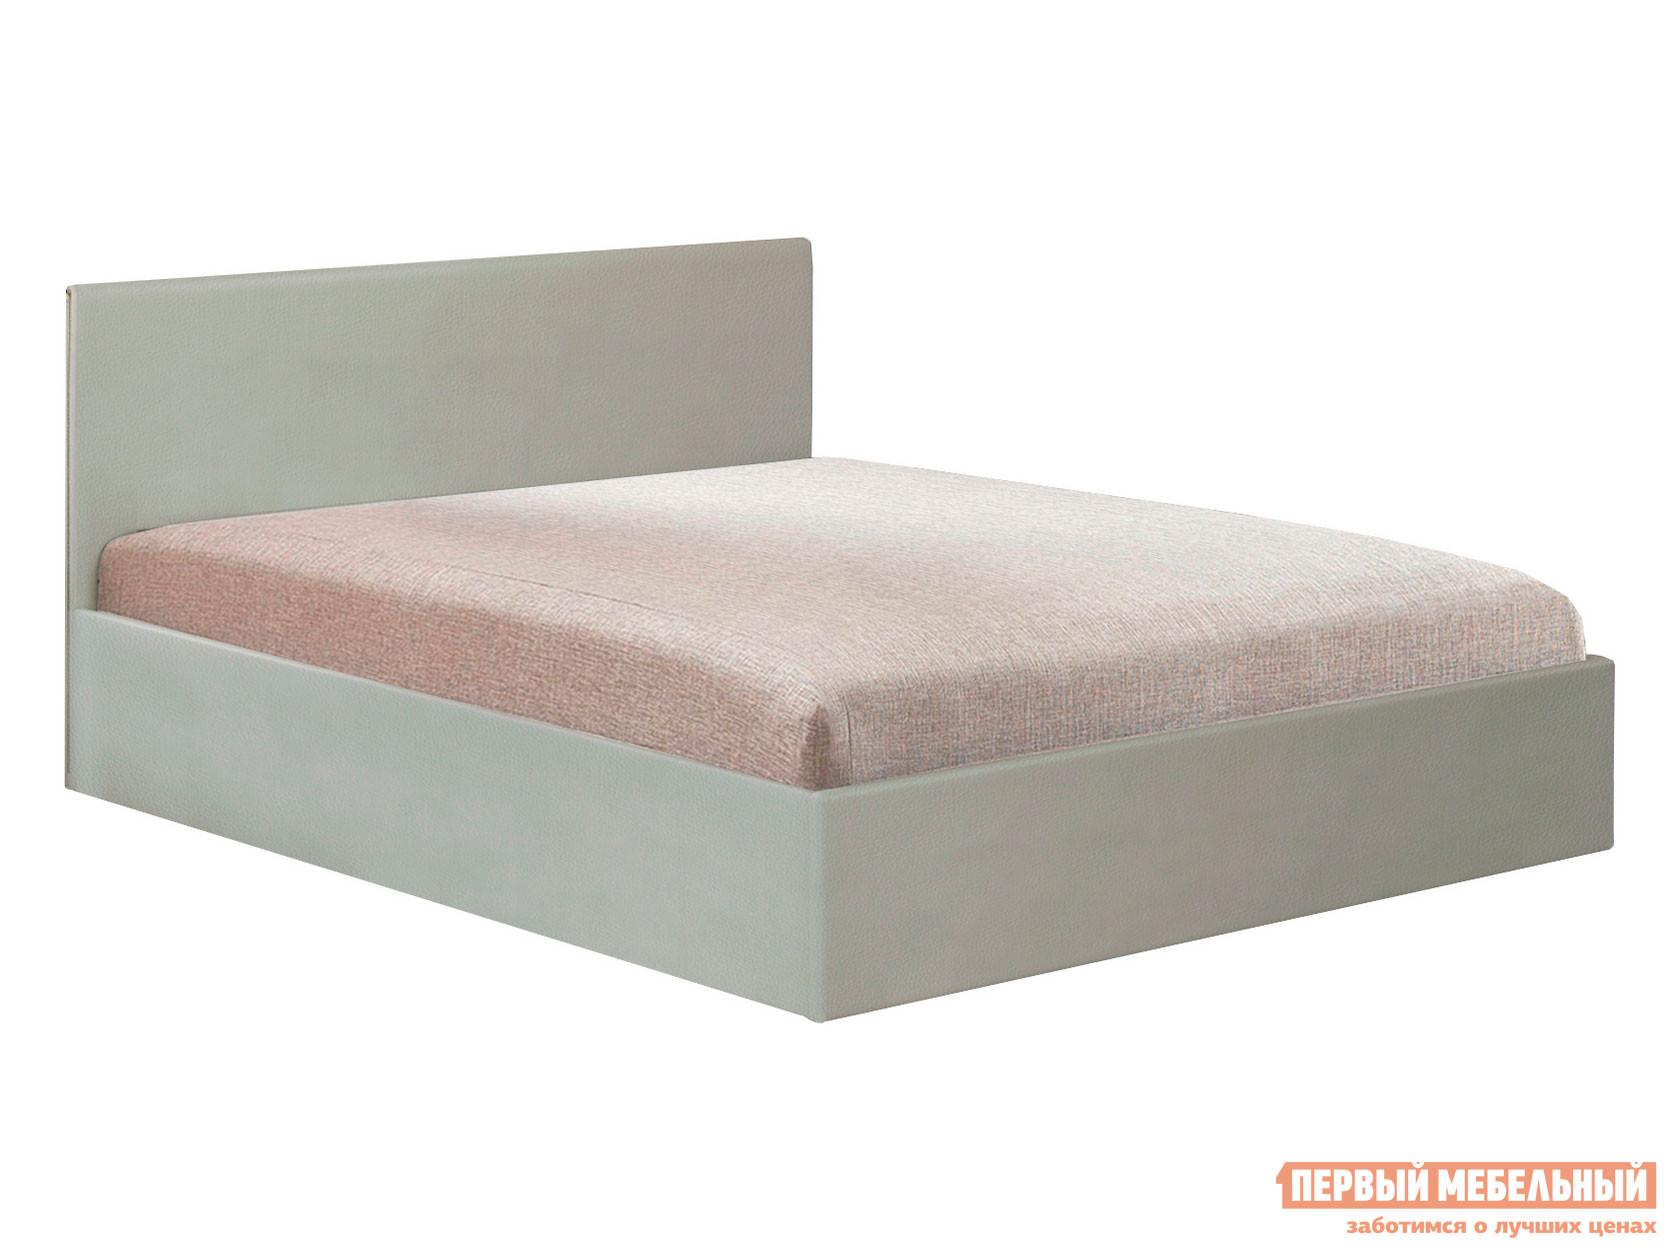 Двуспальная кровать  Тахта Софт Verde 04, экокожа (I кат.) / Ambrossia 1 кат., 1400 Х 2000 мм